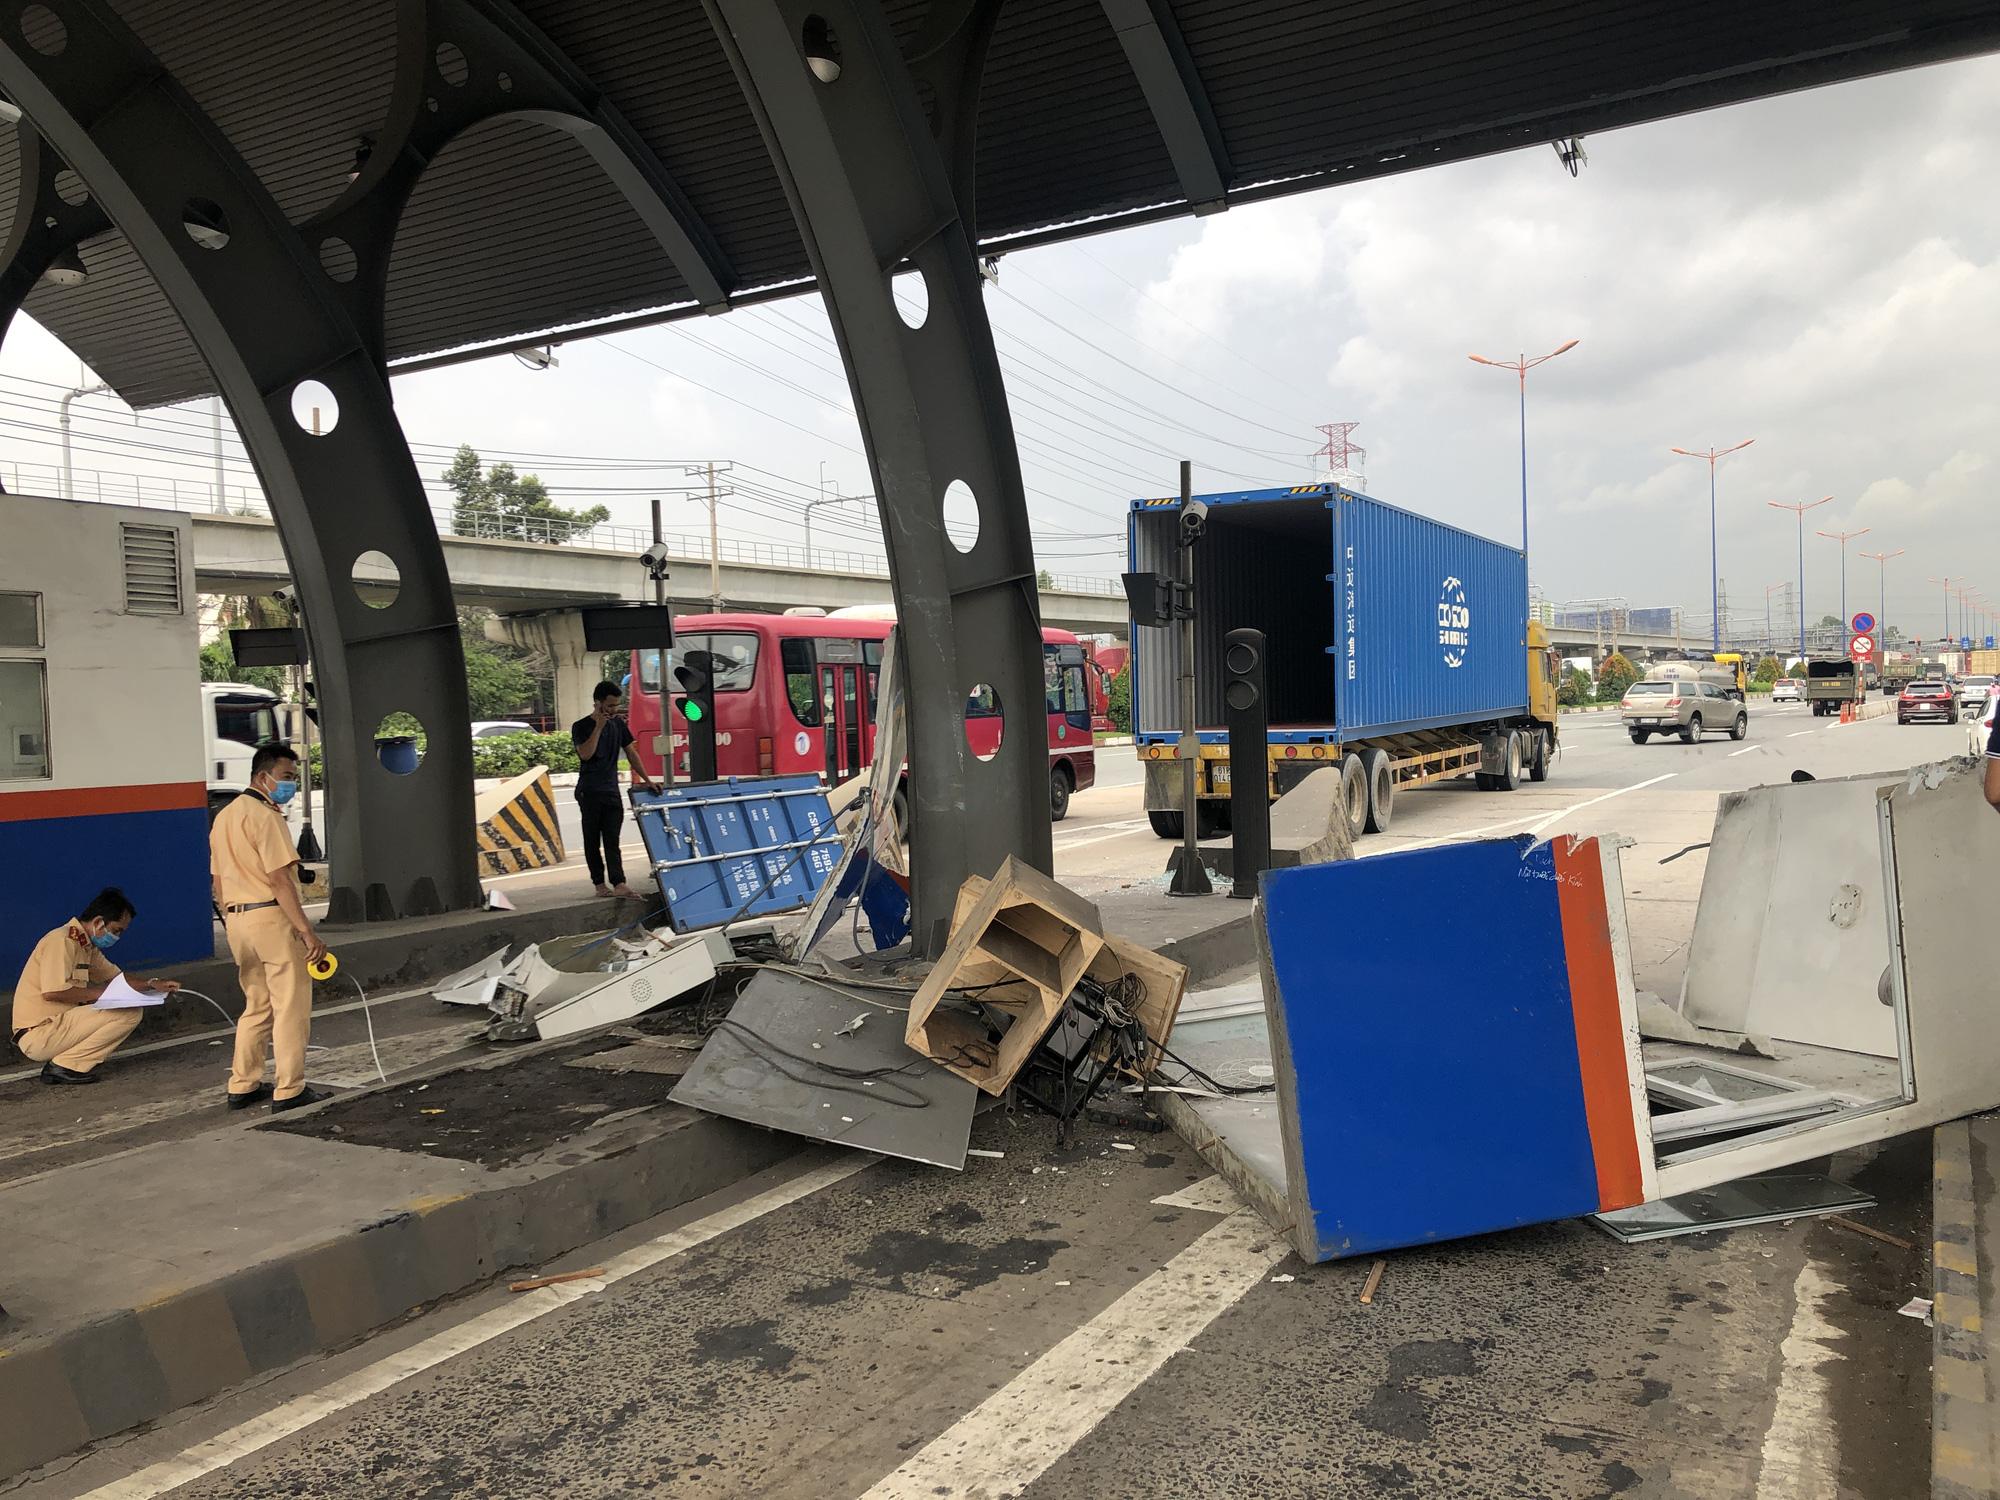 Không đóng cửa thùng hàng, xe container quật đổ cabin trạm thu phí - Ảnh 2.